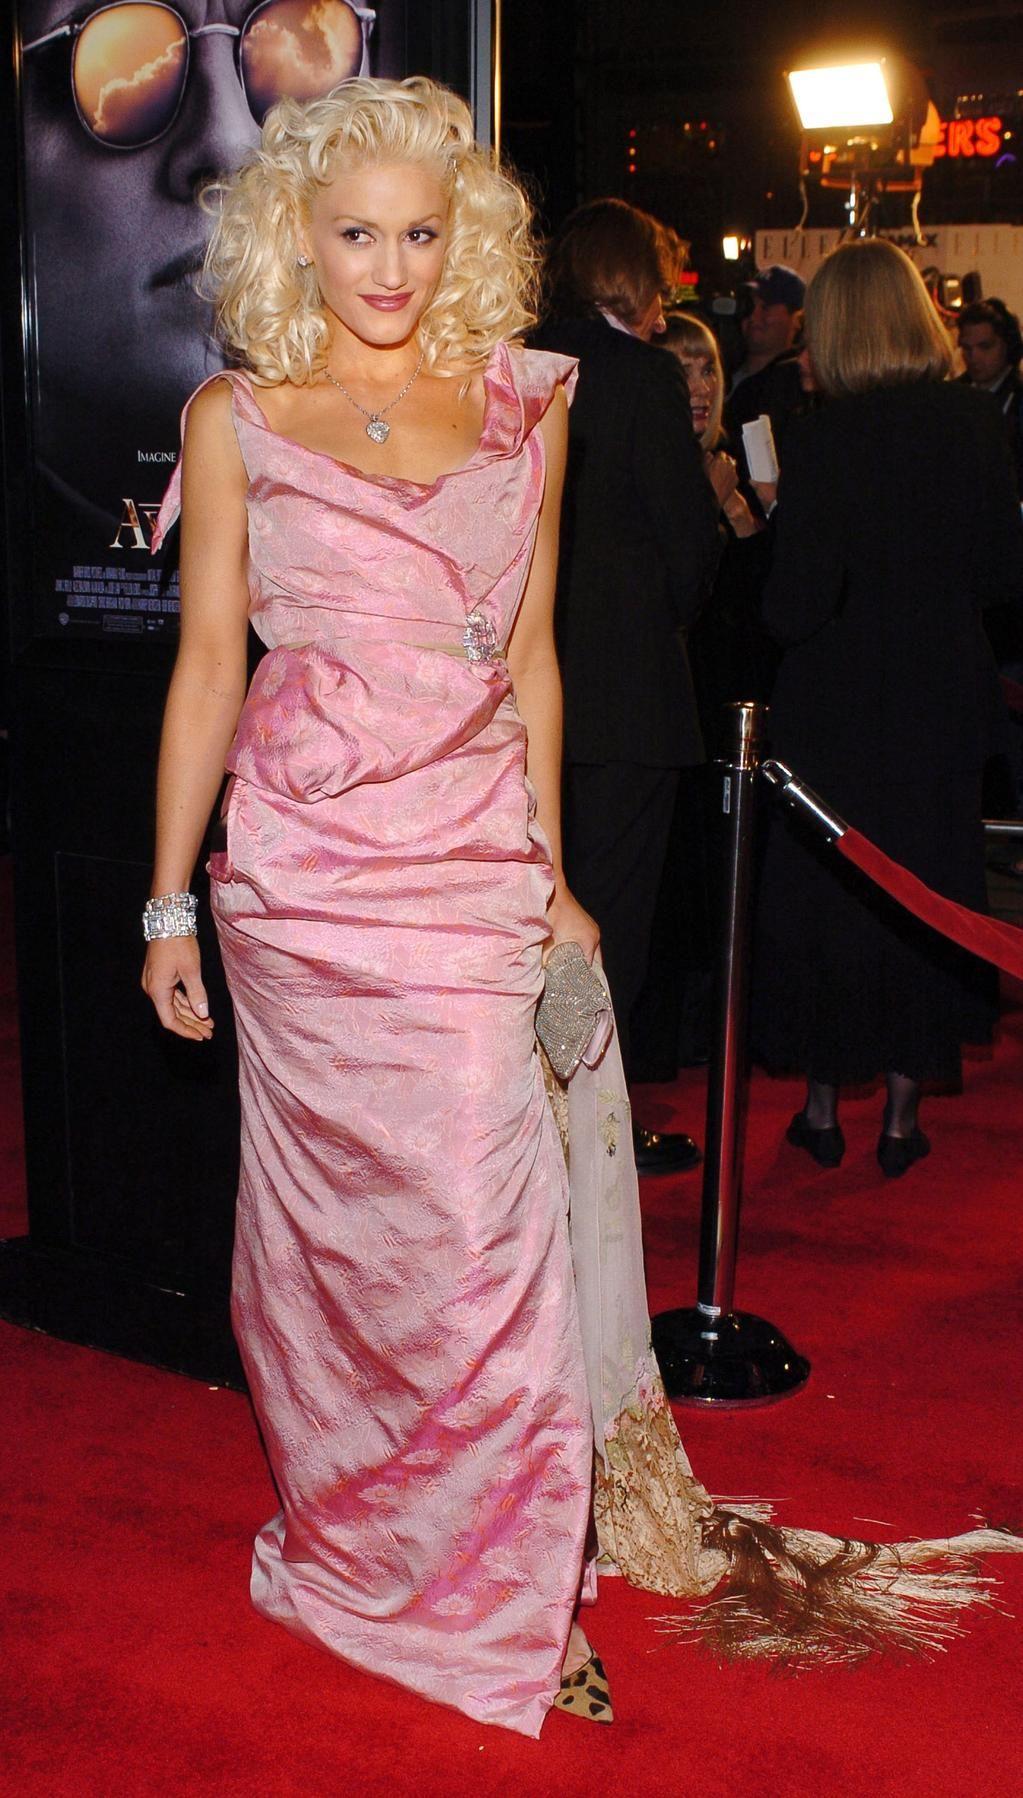 The Gwen Stefani Look Book Gwen stefani style, Fashion